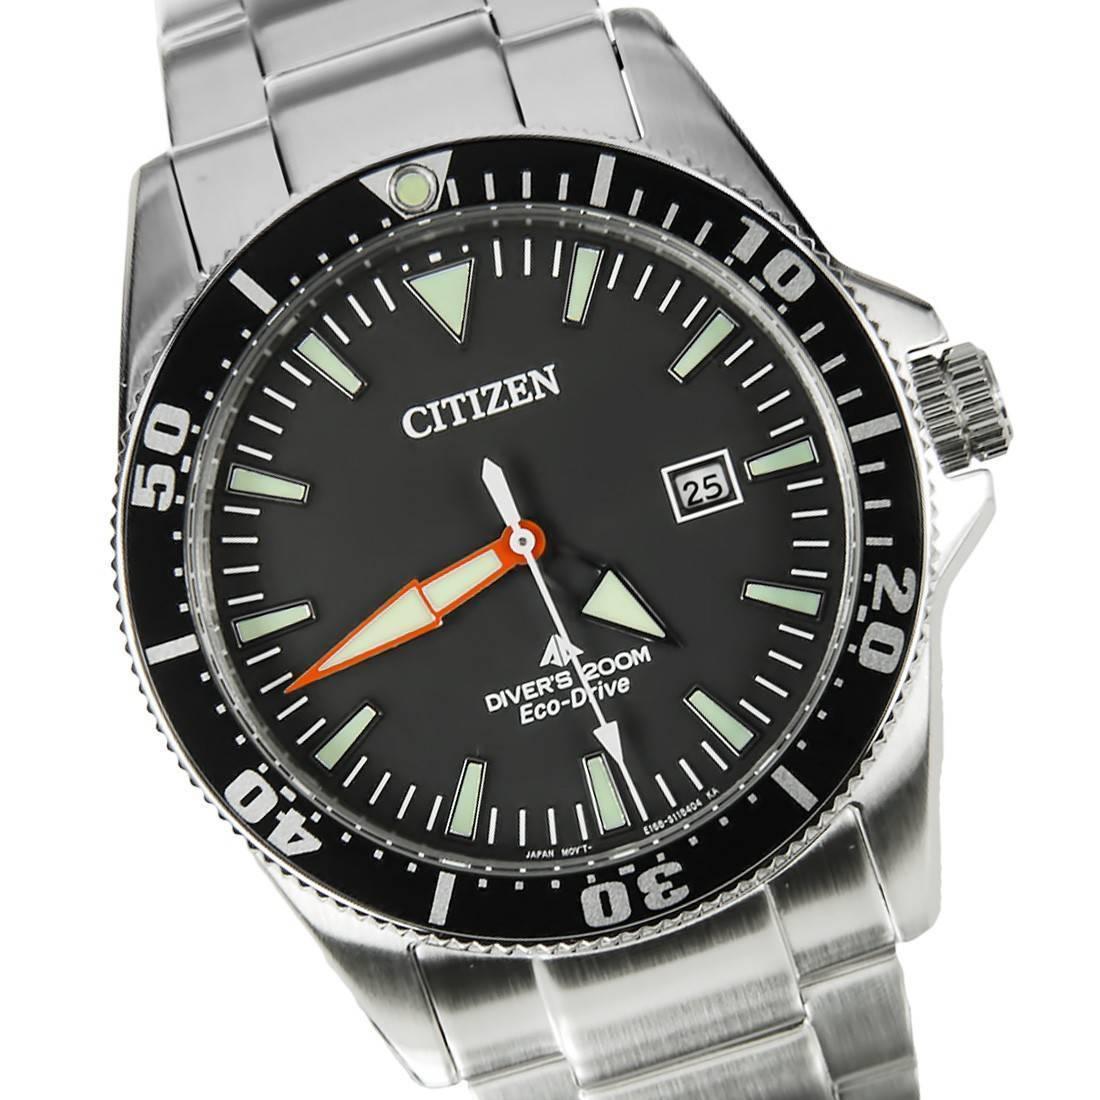 Reloj Citizen Promaster modelo BN0100-51e